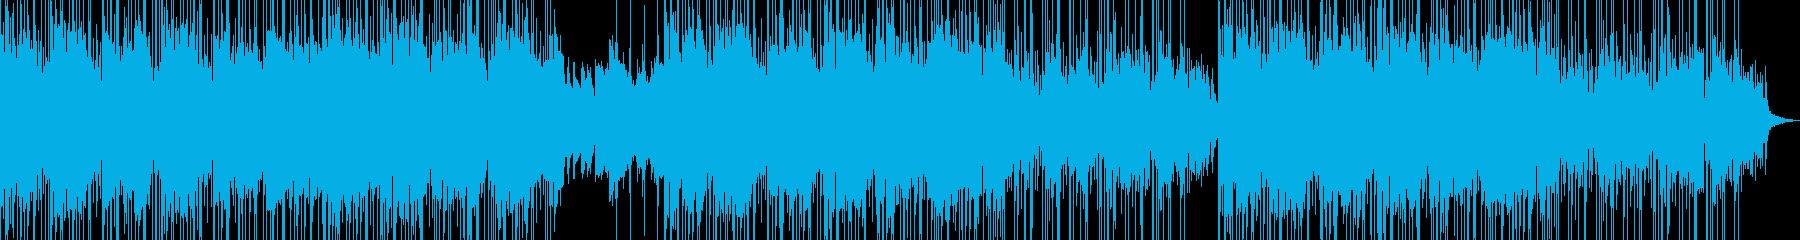 リラックスしたポジティブなソフトポップの再生済みの波形